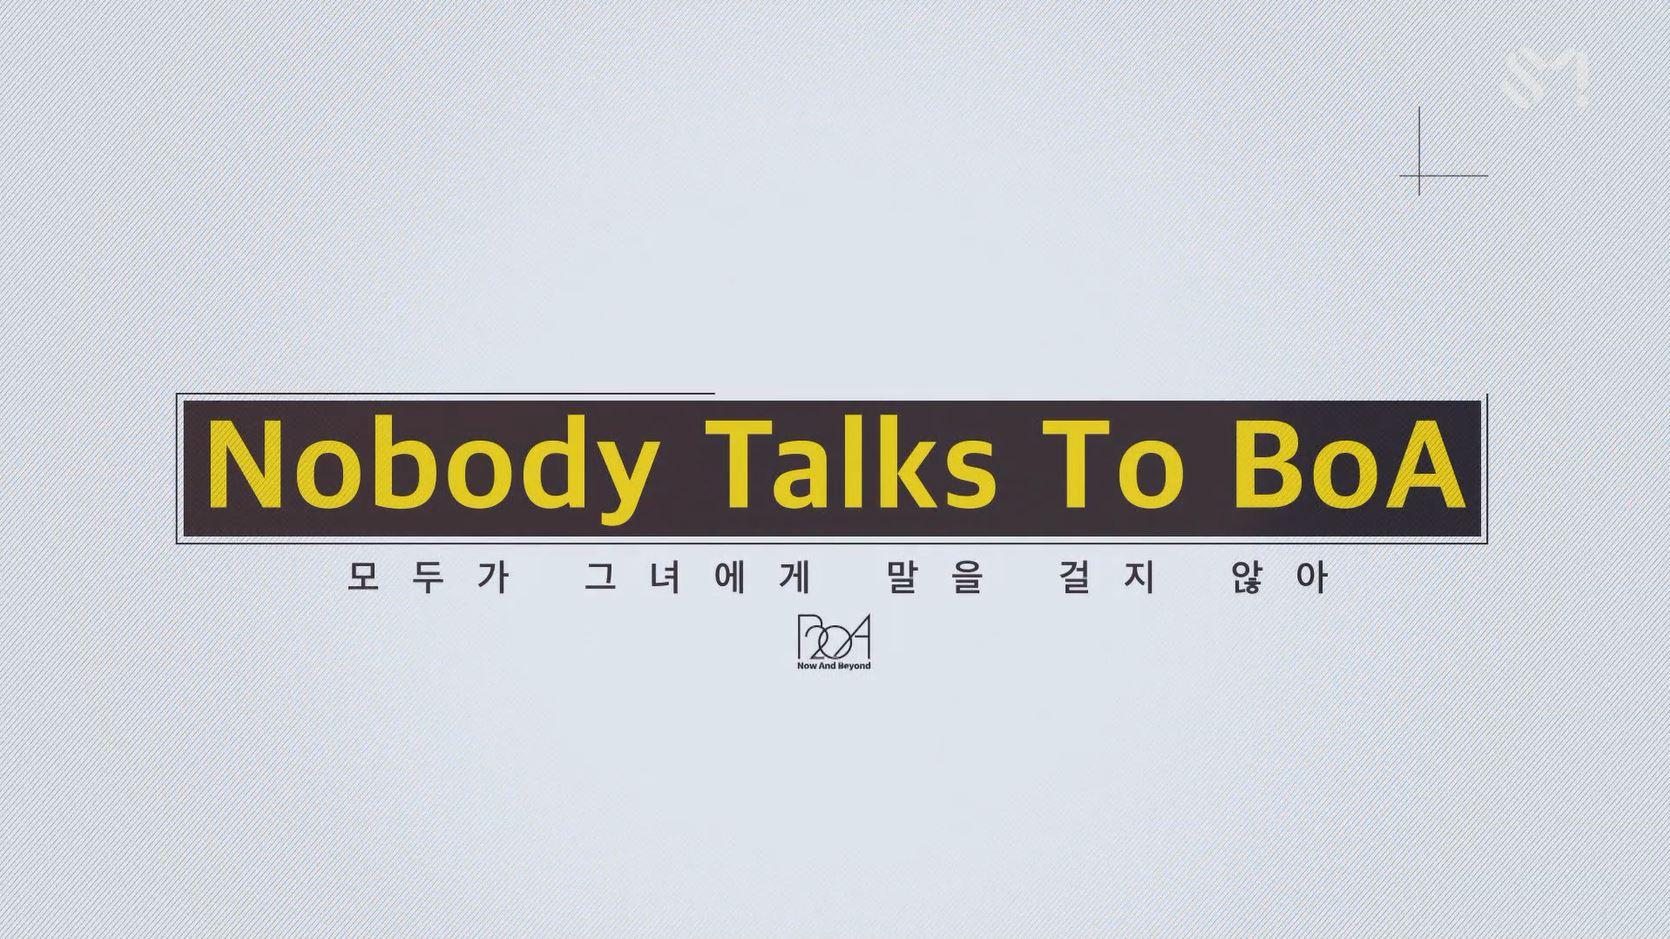 [EP.2] <Nobody Talks To BoA - 모두가 그녀에게 말을 걸지 않아> - No.1 But...